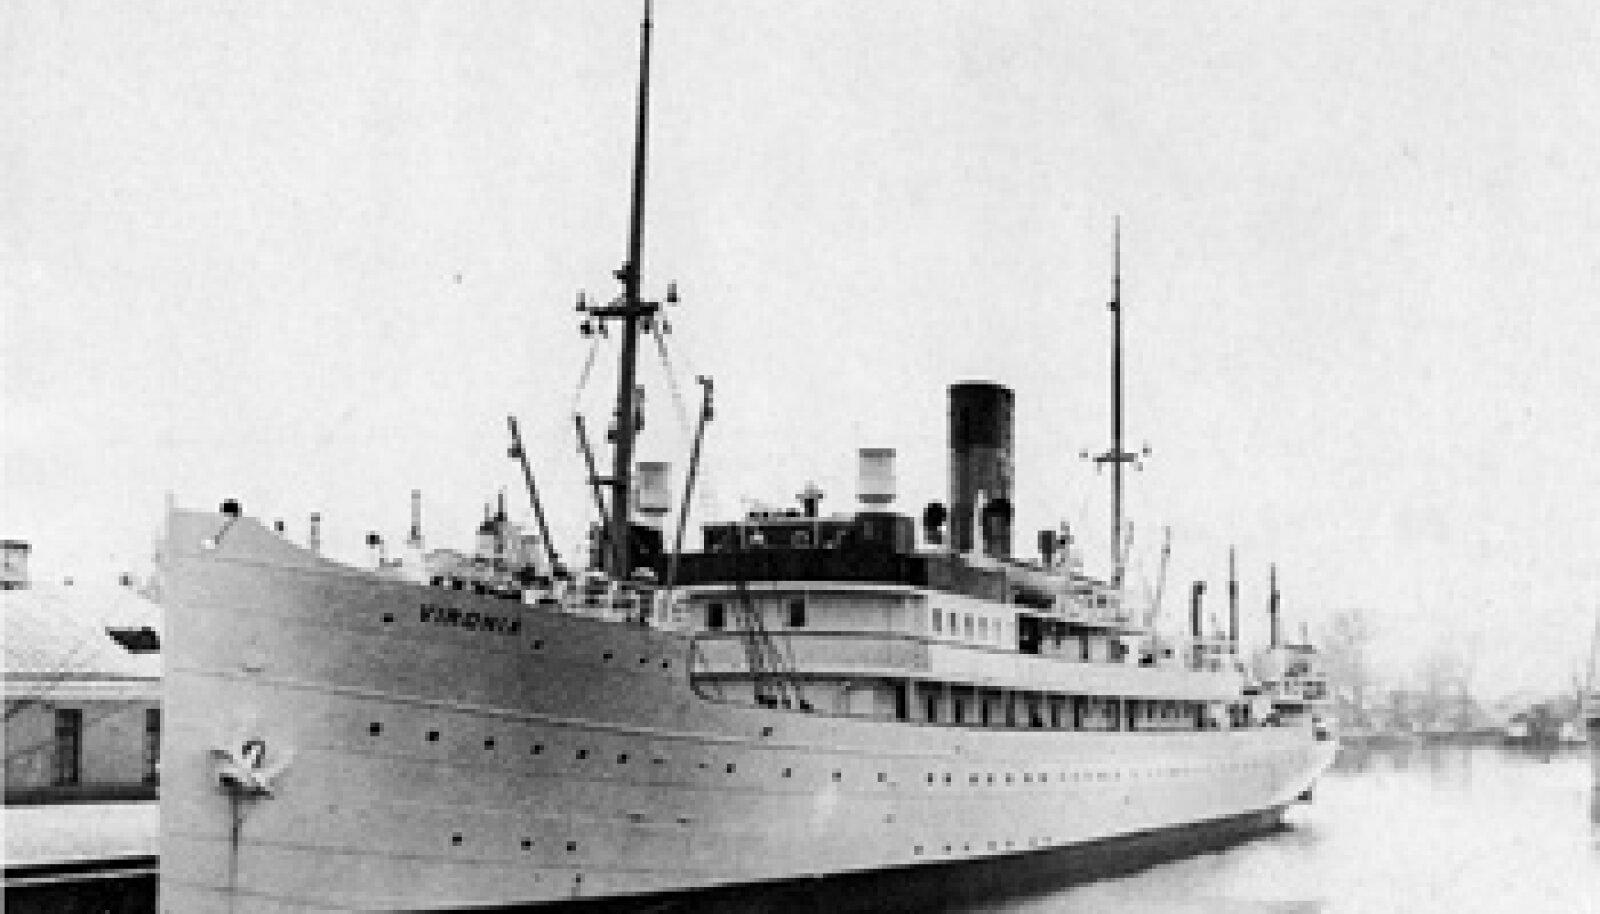 1300 HUKKUNUT: Kunagine Eesti luksuslikum reisilaev Vironia sõitis 28. augustil miinile ja viis merepõhja hulga punakomissare, ohvitsere, tribunali kohtunikke jt. REPRO